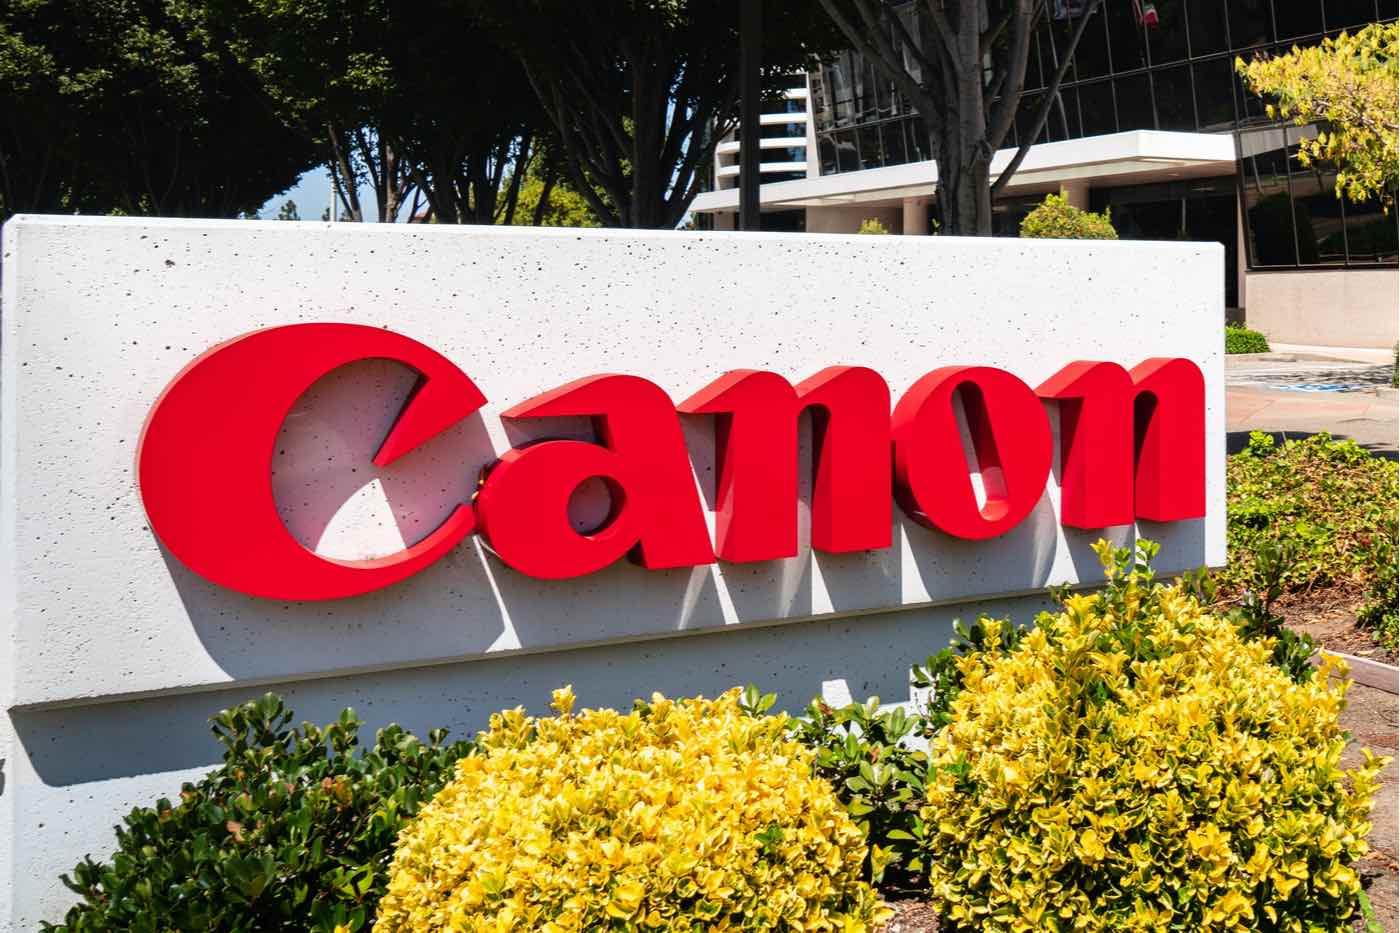 Un neoyorquino demanda a Canon por $5 millones, afirma que las impresoras no escanean cuando los cartuchos de tinta están bajos